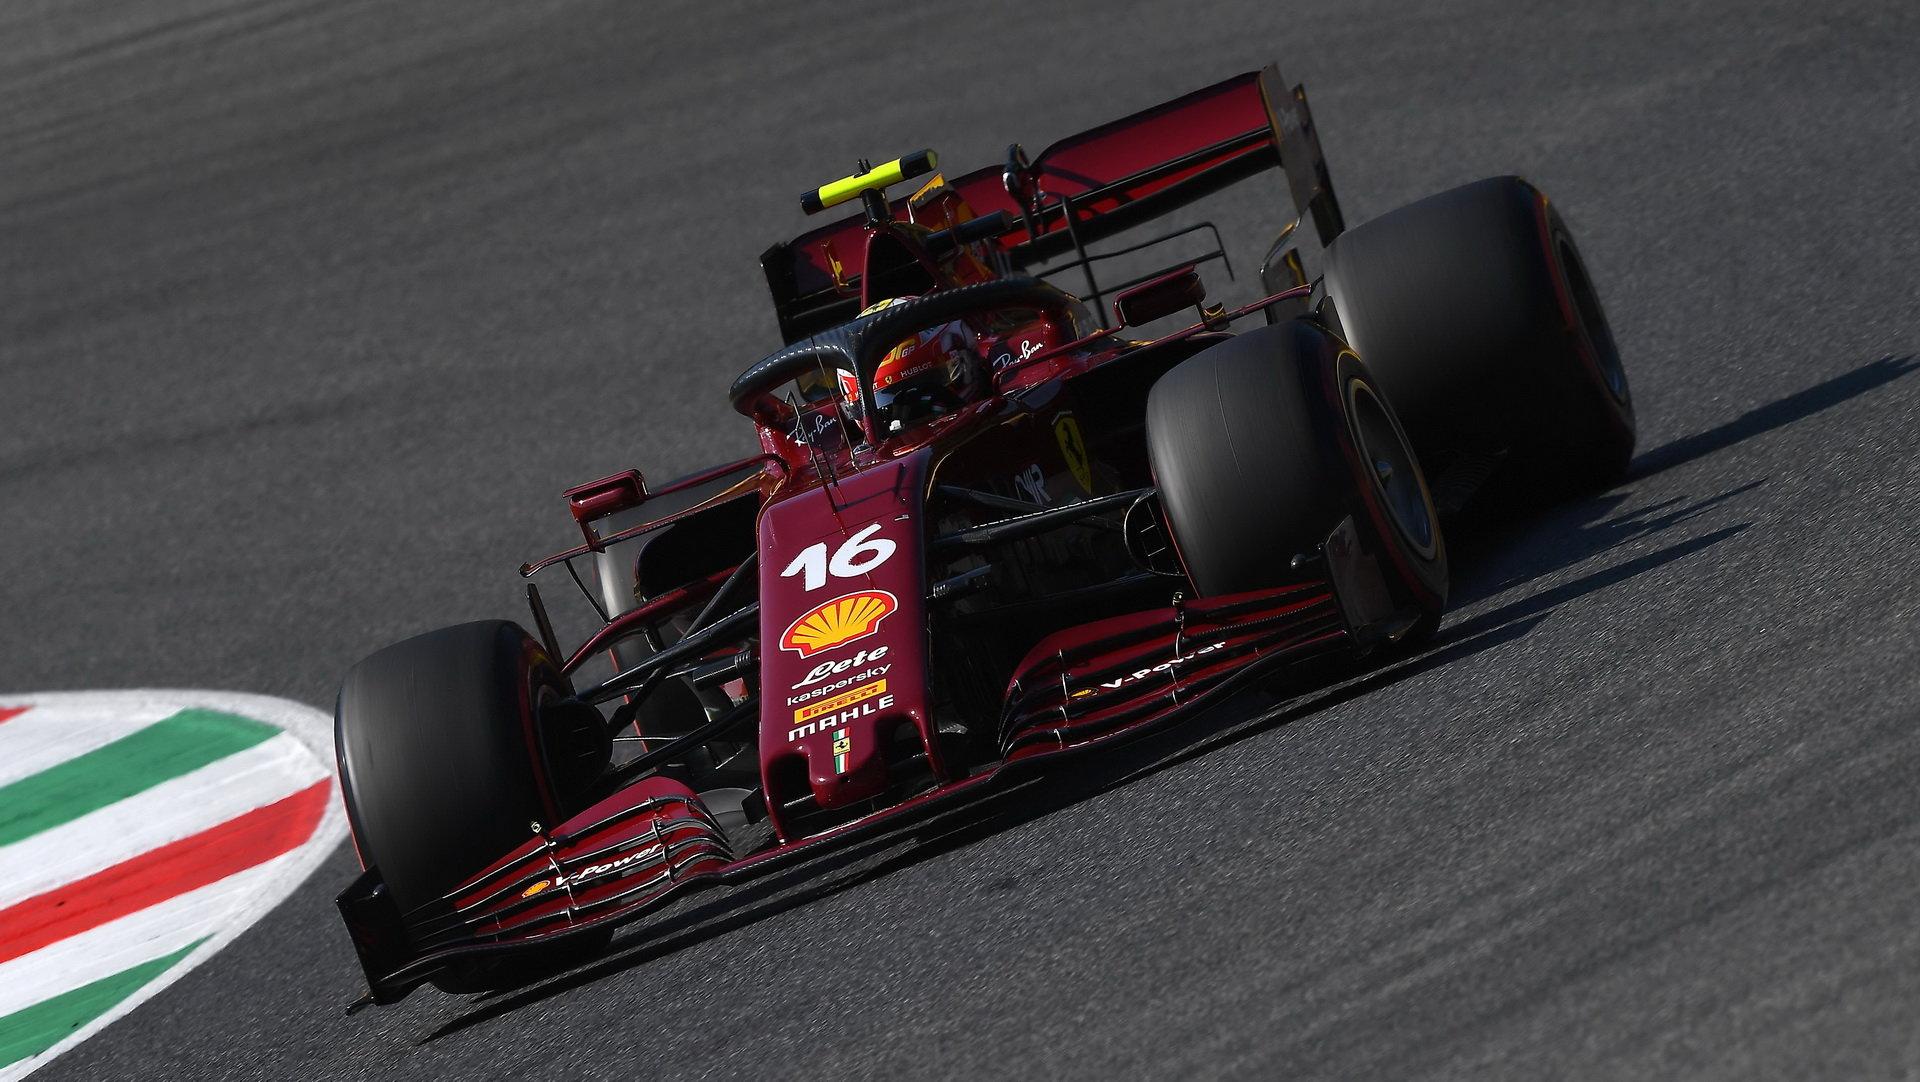 Speciálně vyvedený monopost Ferrari u příležitosti oslav 1000. Grand Prix ve Formuli 1